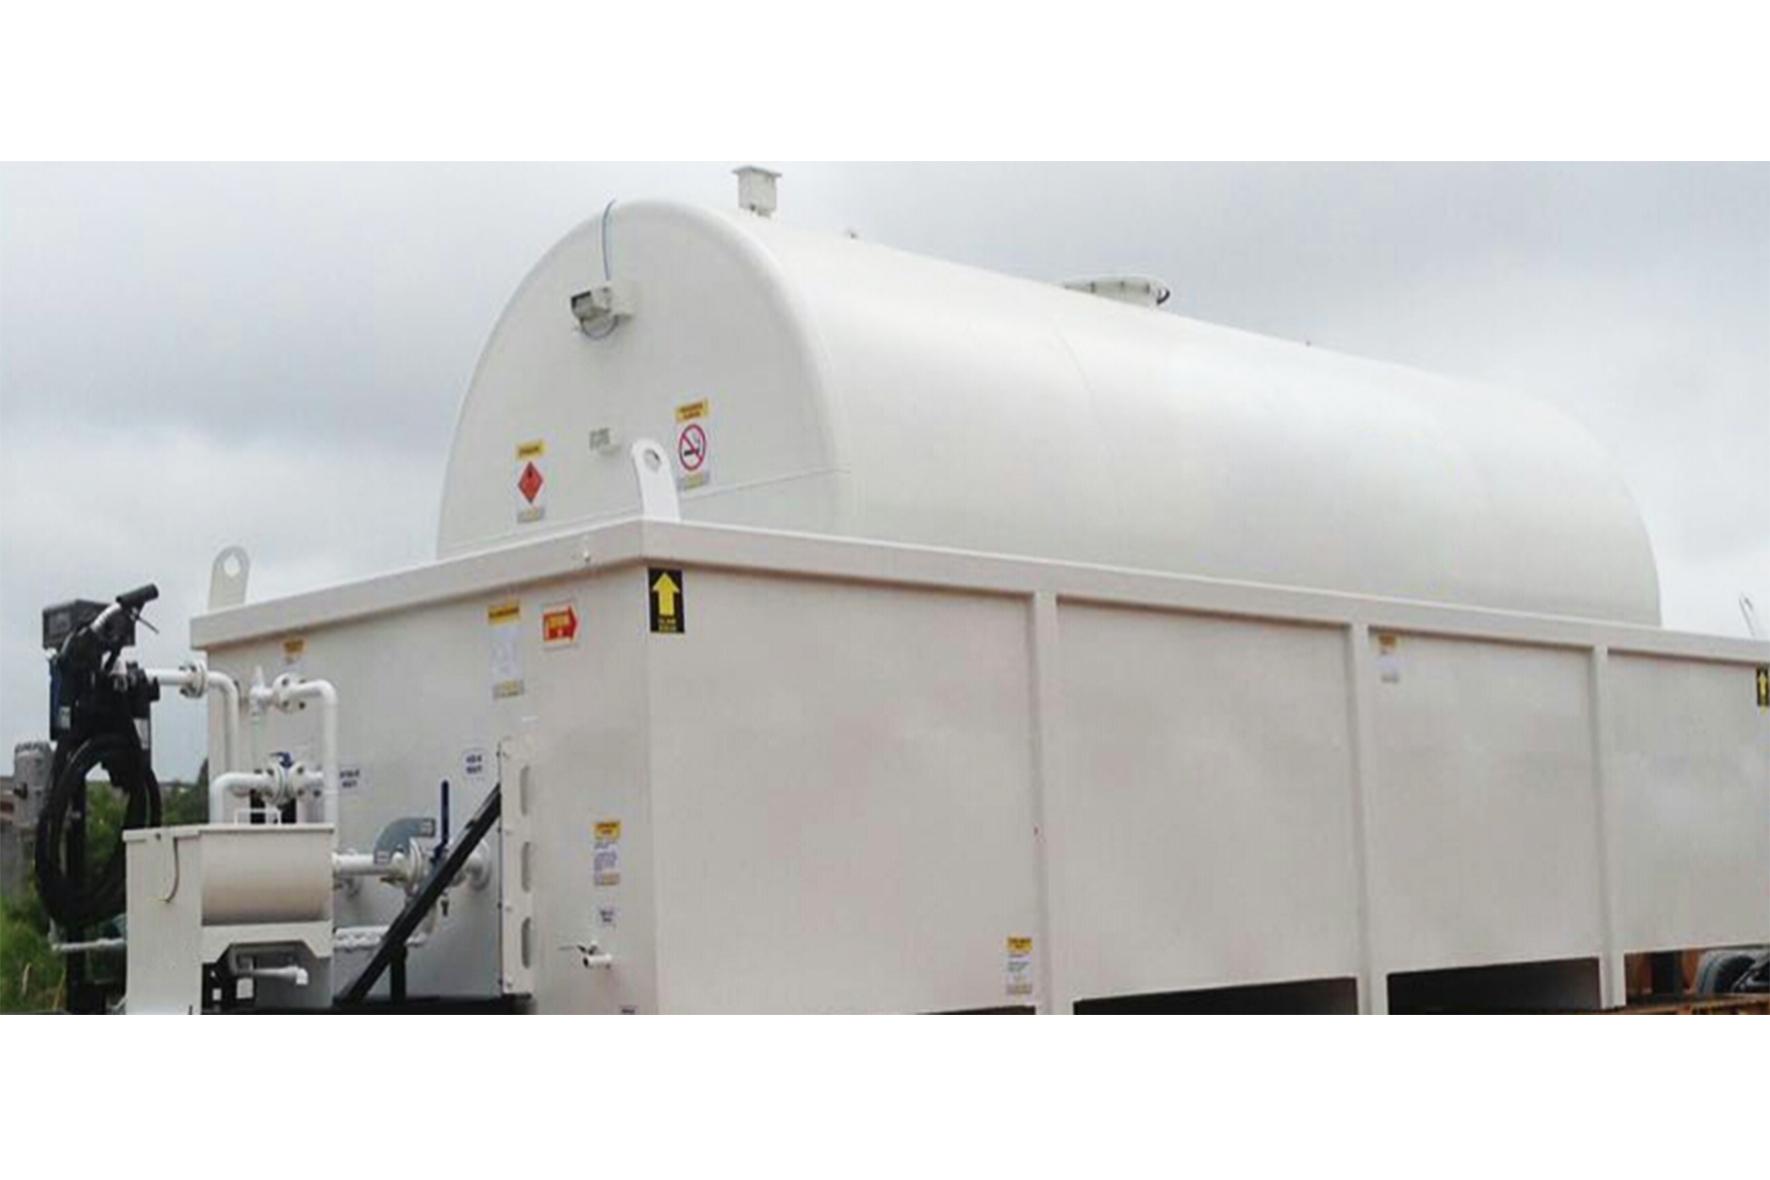 Módulo de Abastecimento Aviação em Aço Inox ou Carbono com Pintura Especial